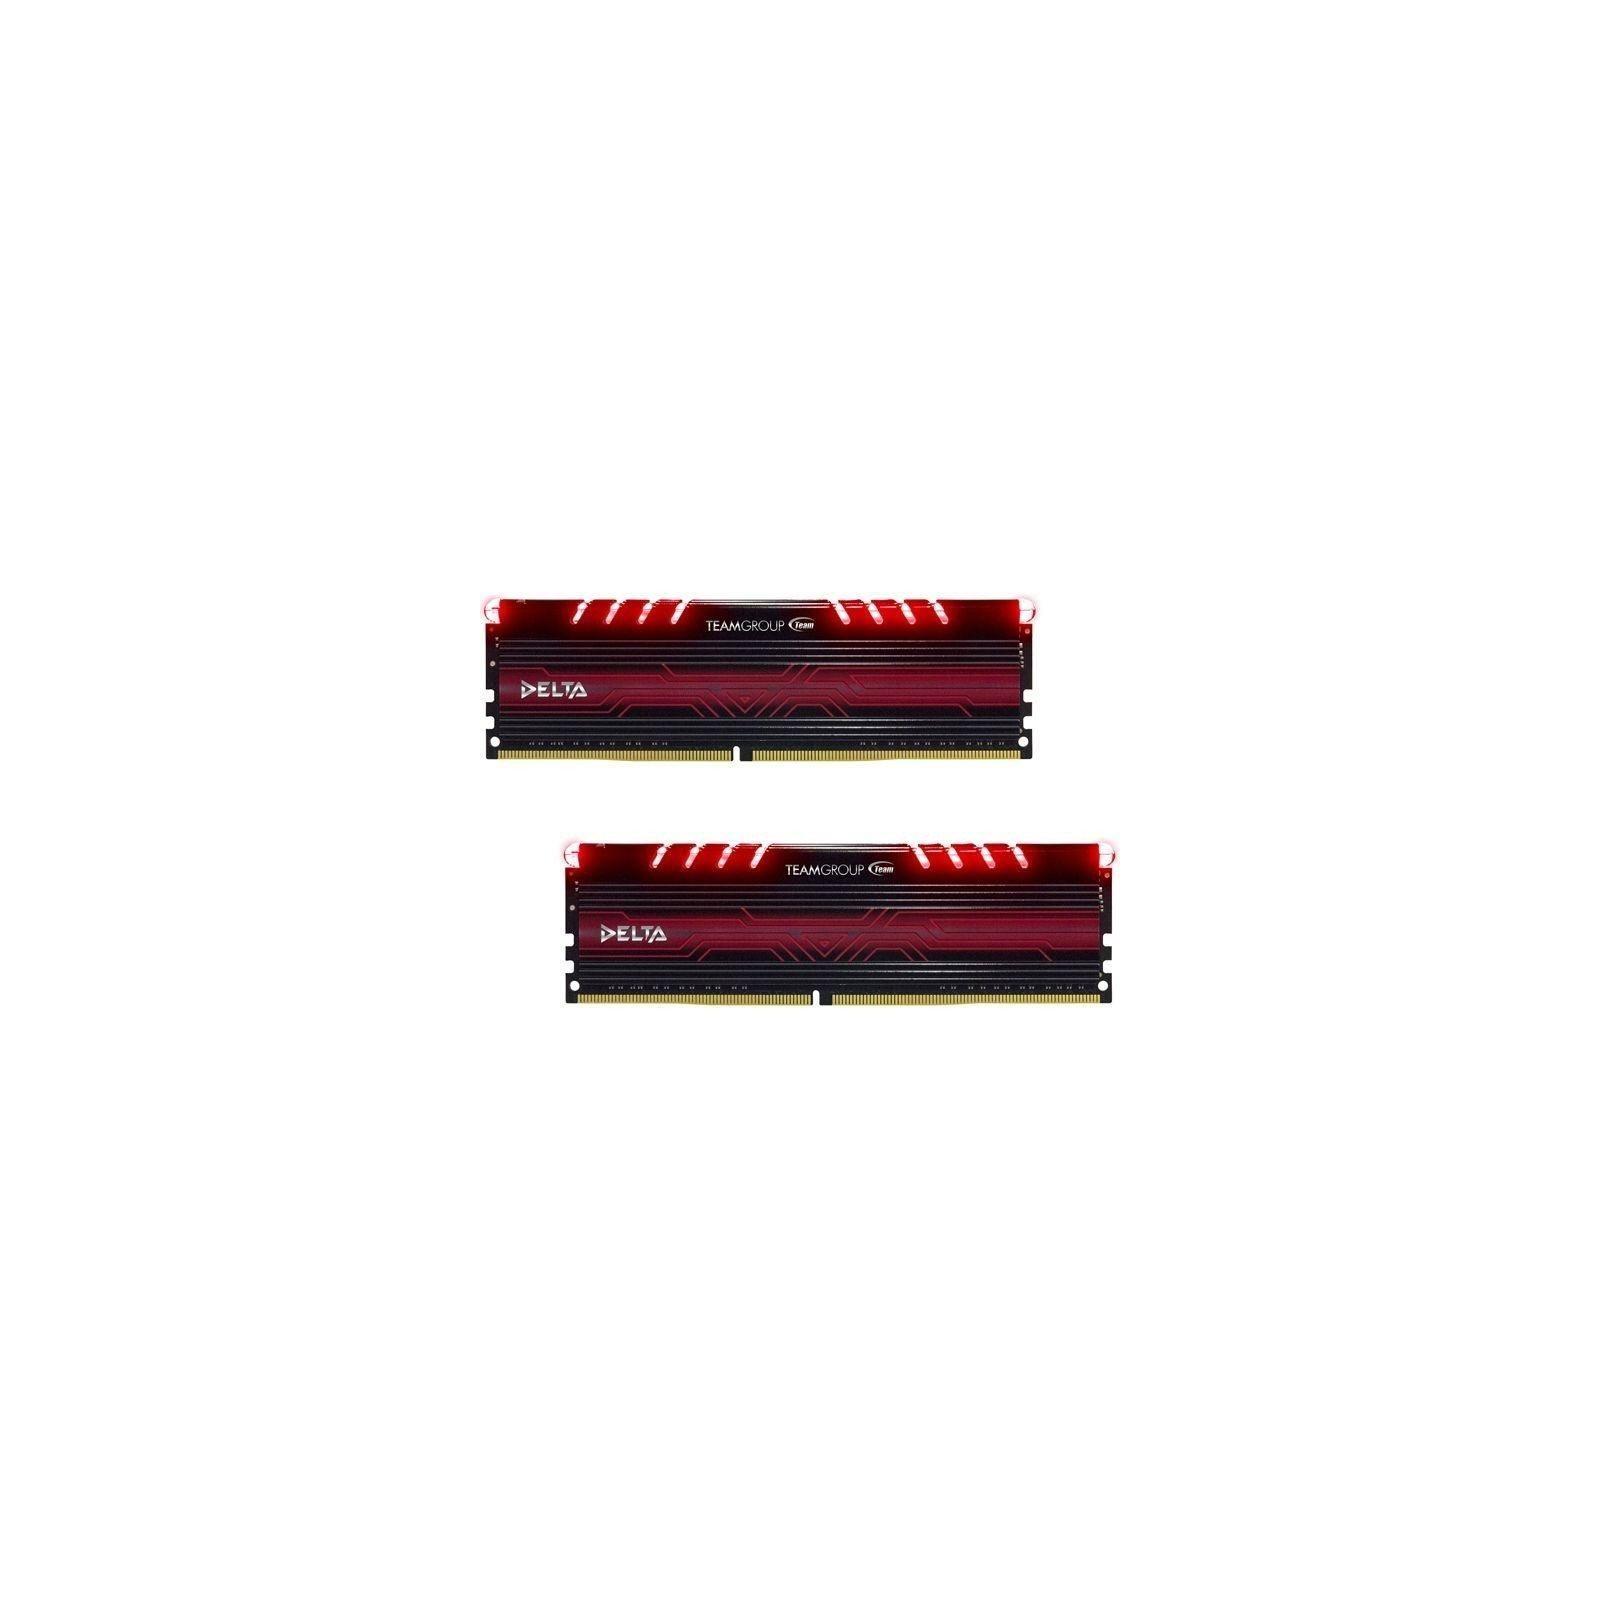 Модуль памяти для компьютера DDR4 16GB (2x8GB) 3000 MHz Delta Red LED Team (TDTRD416G3000HC16ADC01)